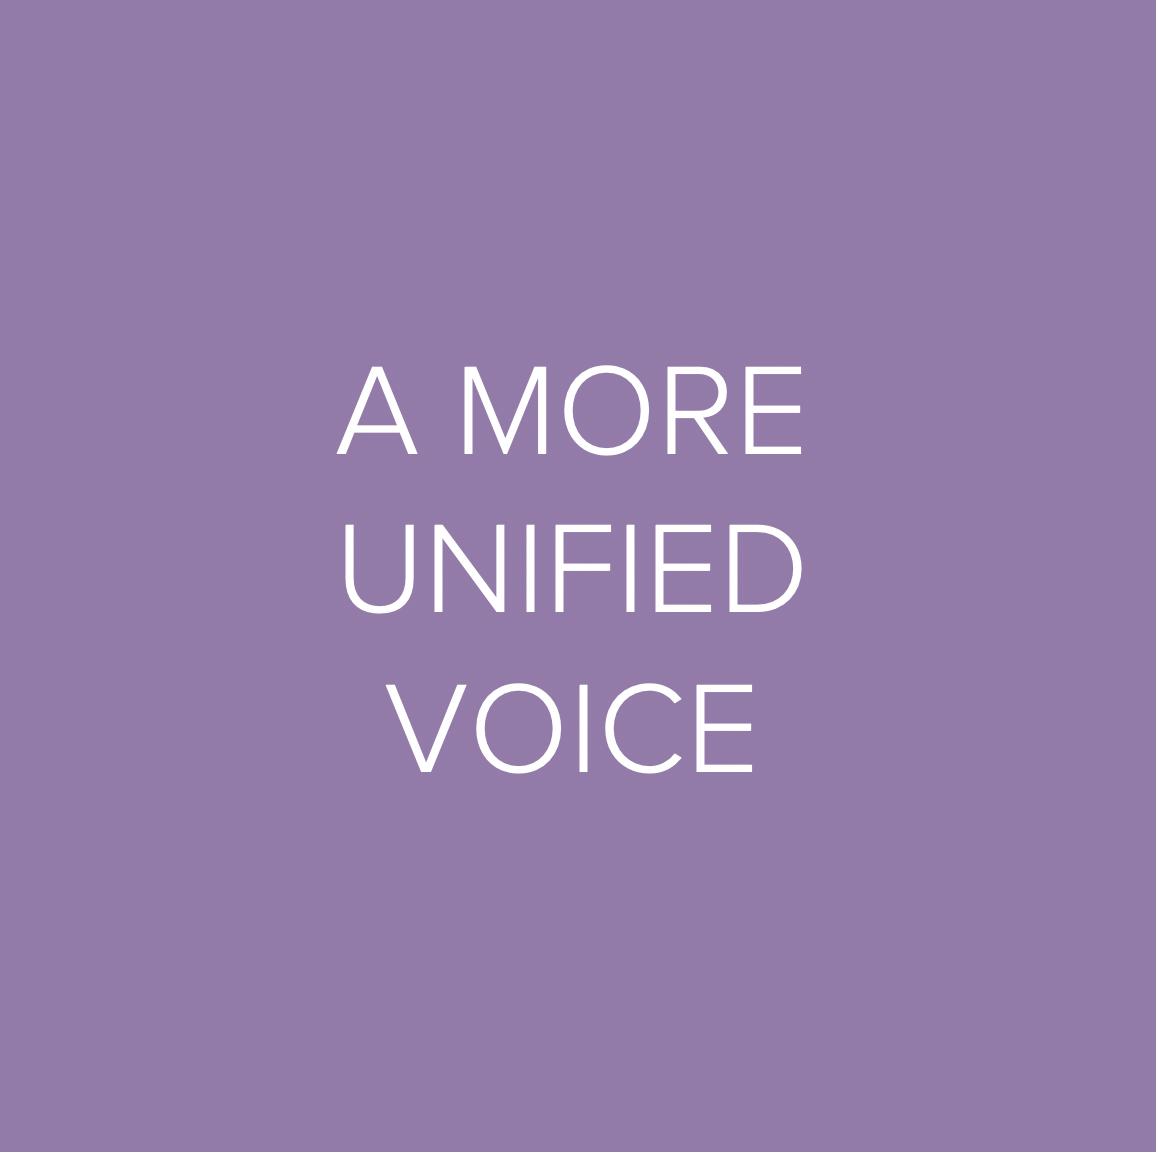 amoreunifiedvoice.png